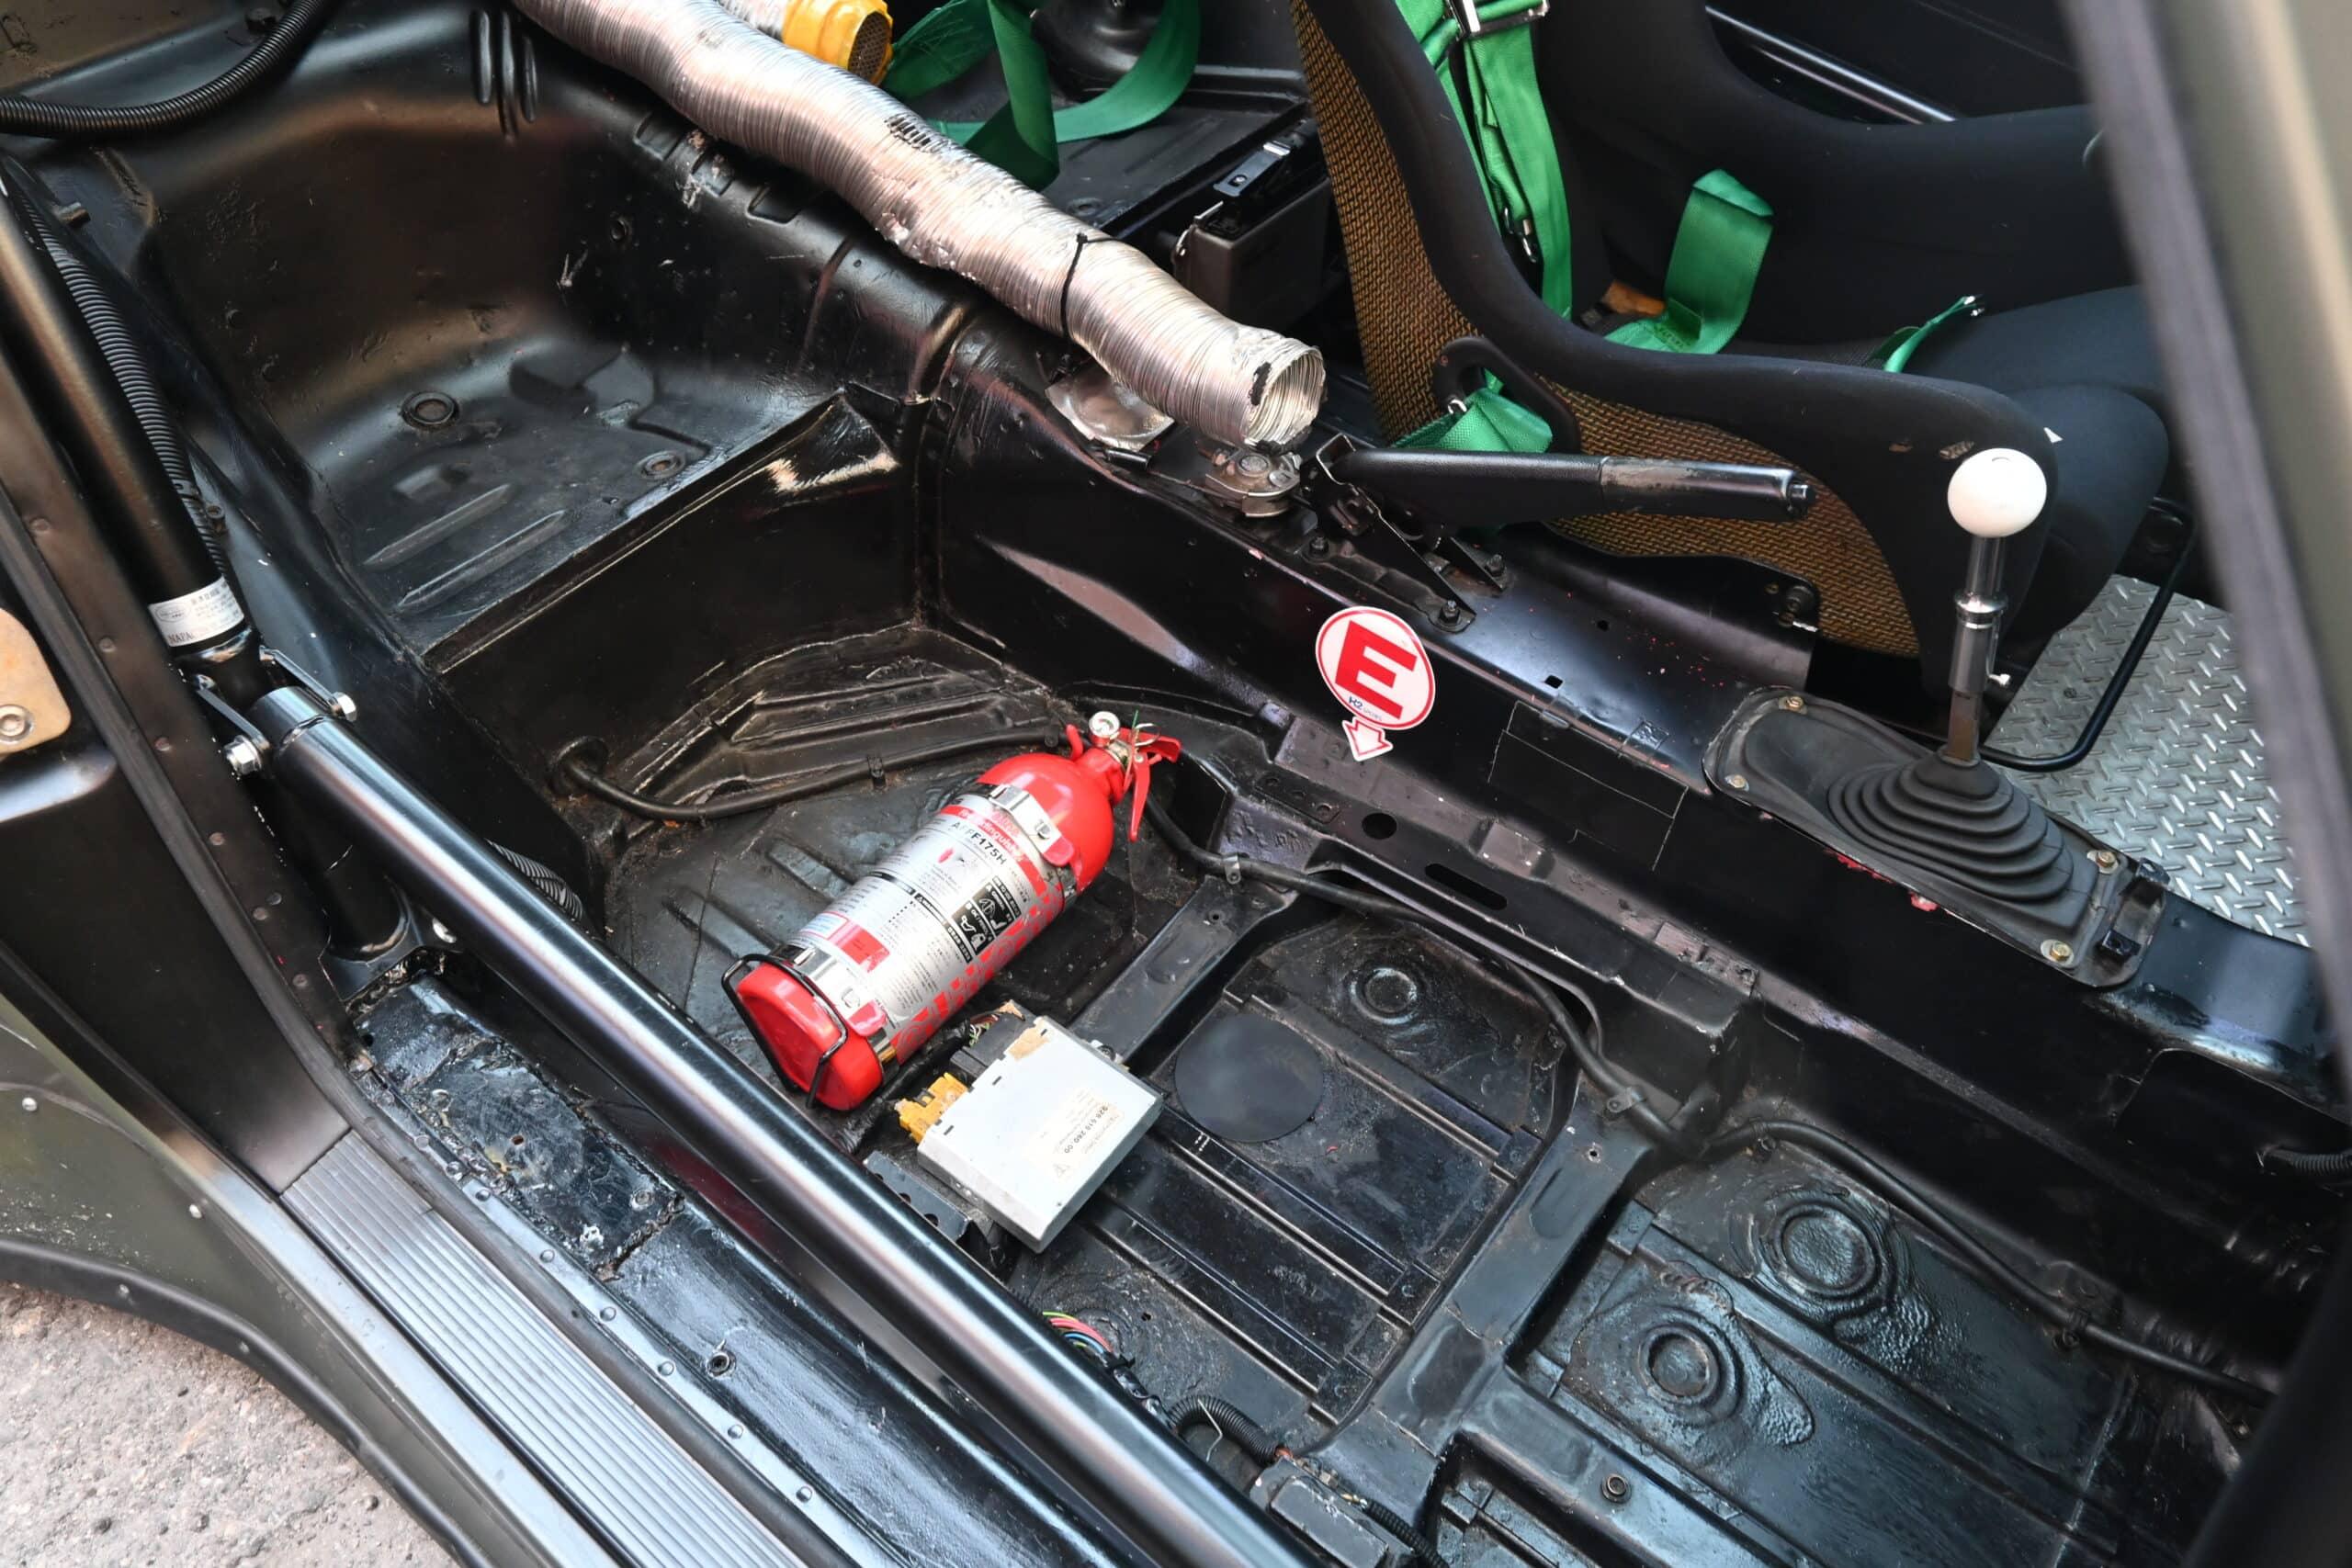 1992 Porsche 911 RWB 964 3.8L RSR | 6 Speed 993 RSR | Carbon Roof | IDLERS Cup Japan